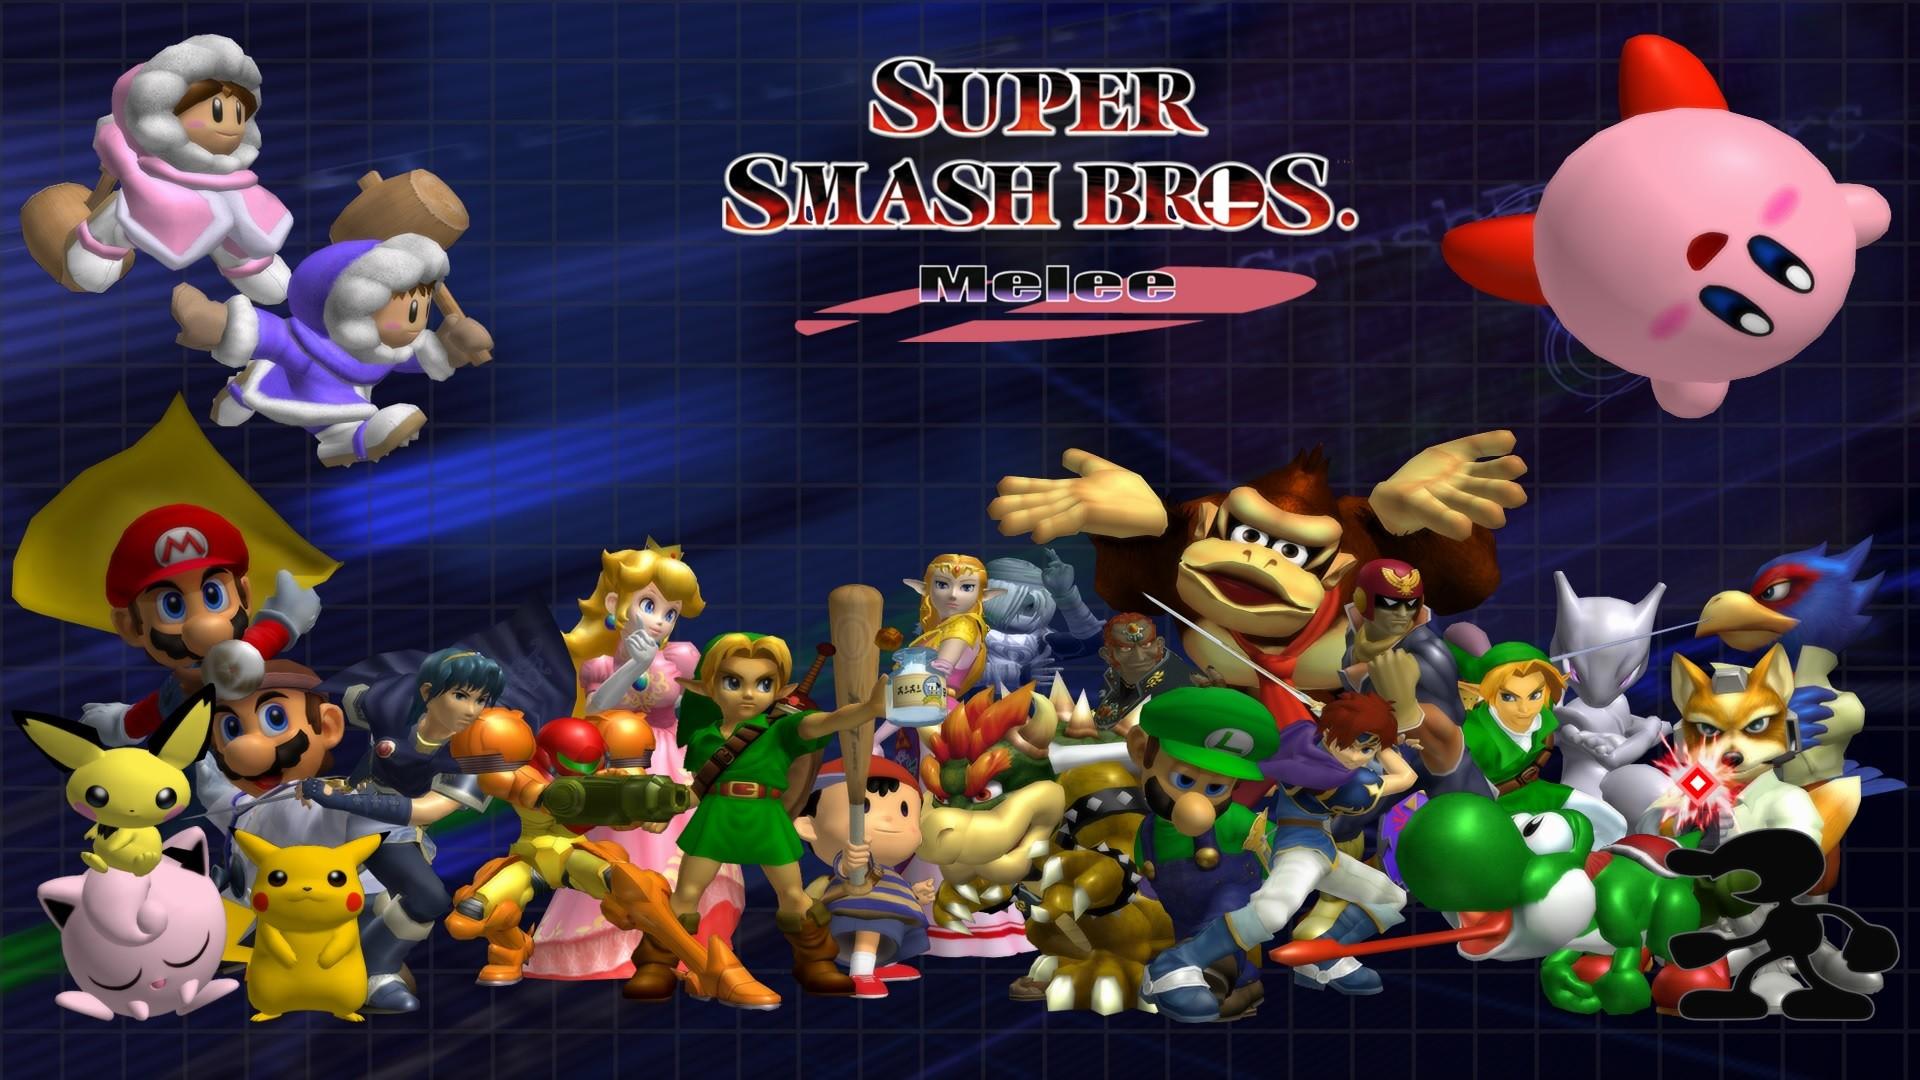 Super Smash Bros Melee Wallpaper 73 Images